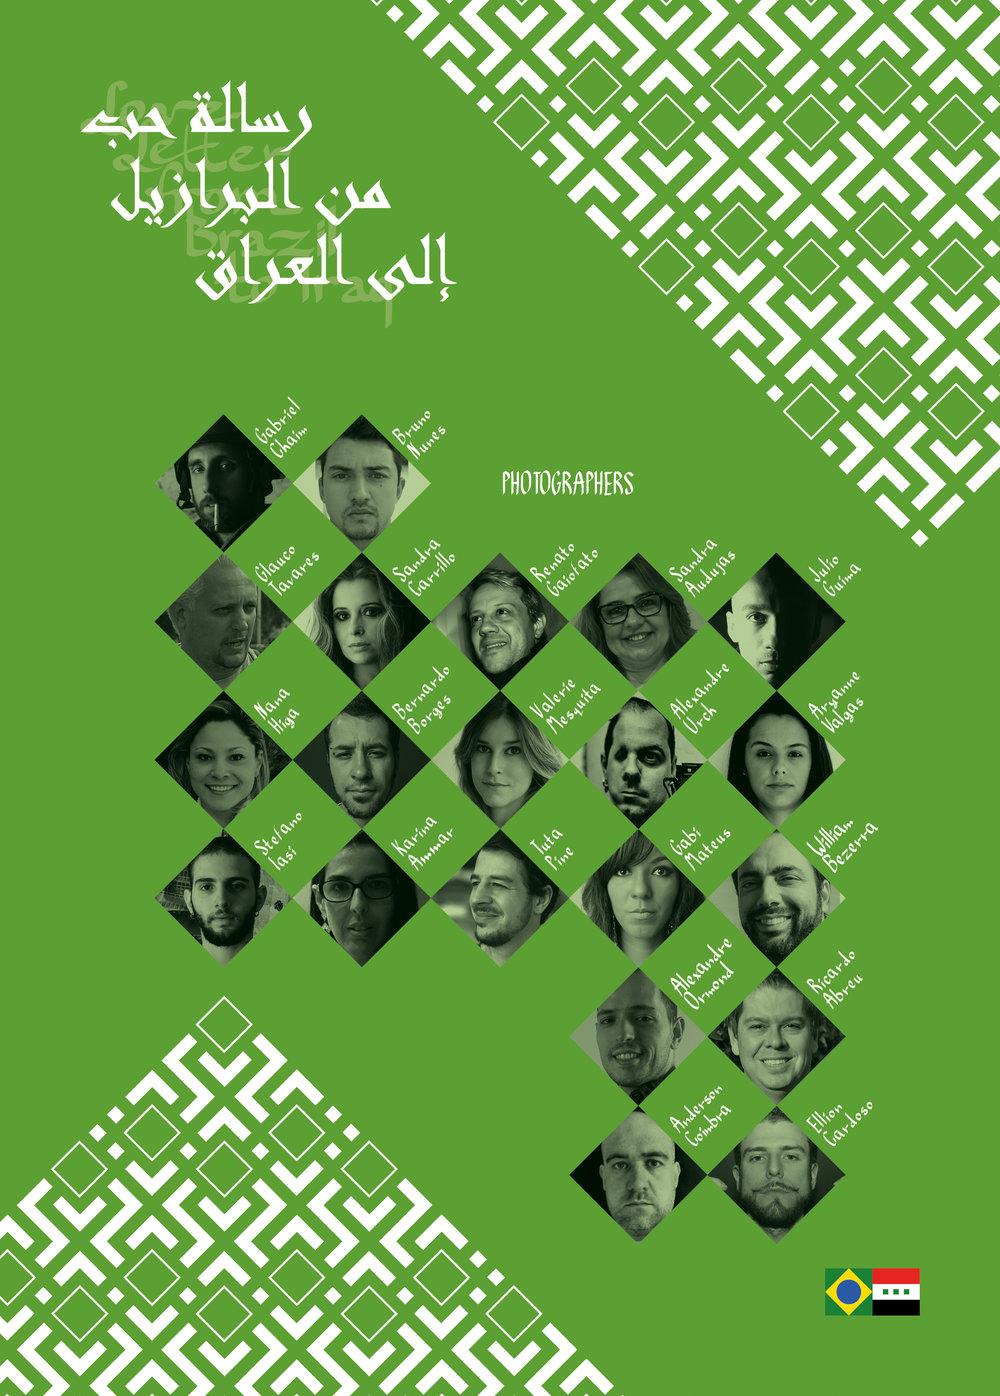 Cartaz em árabe